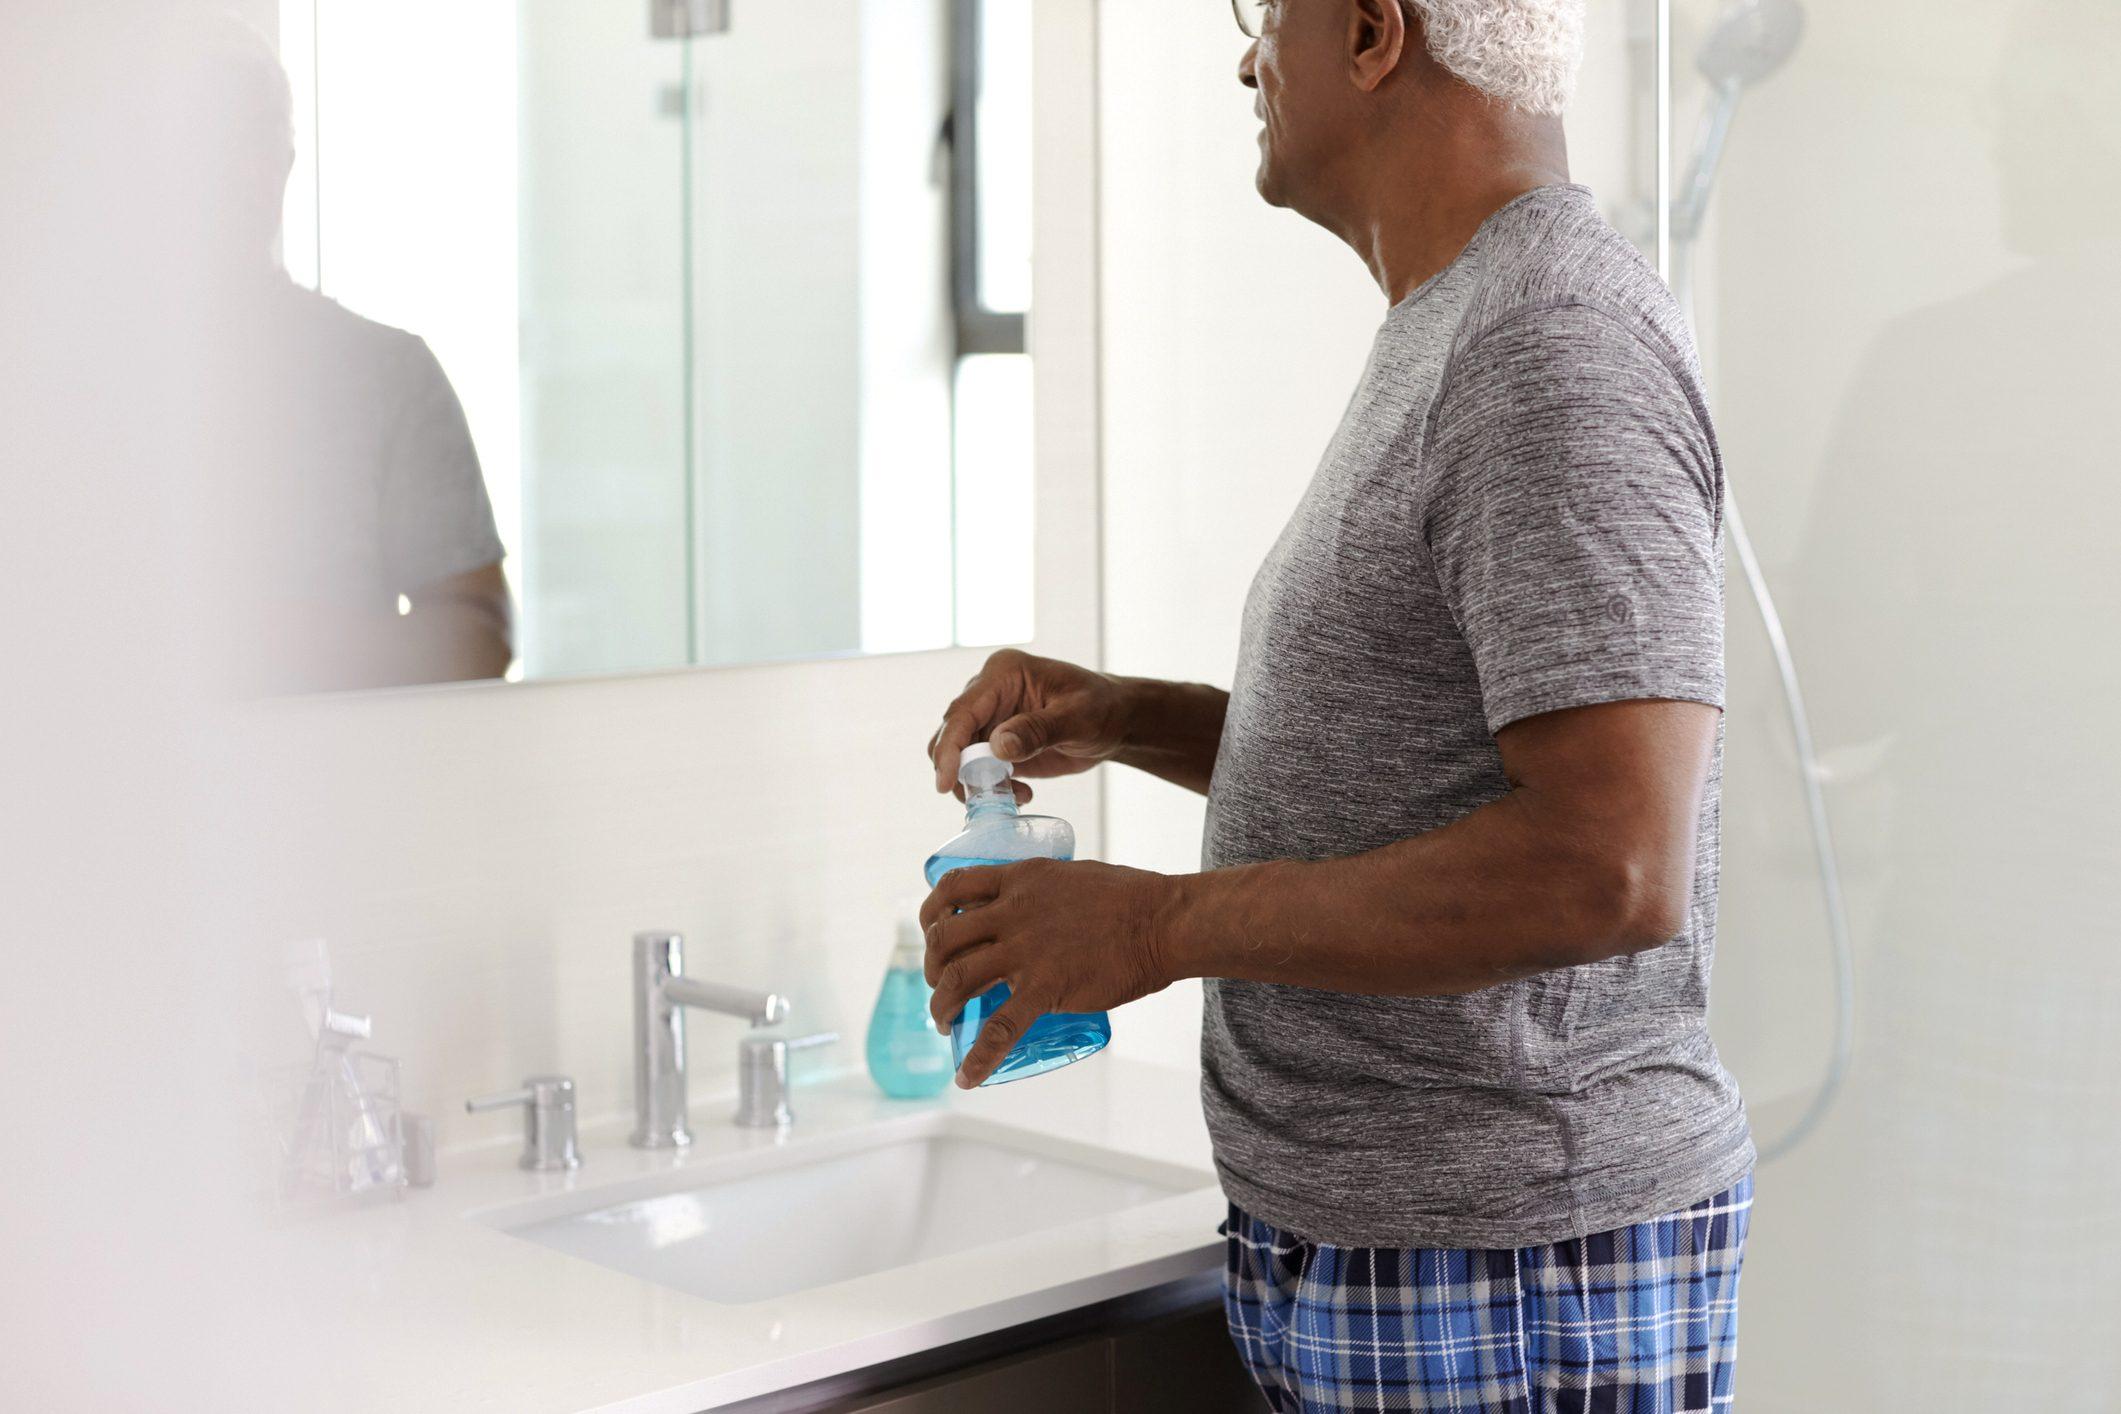 man using mouthwash in bathroom